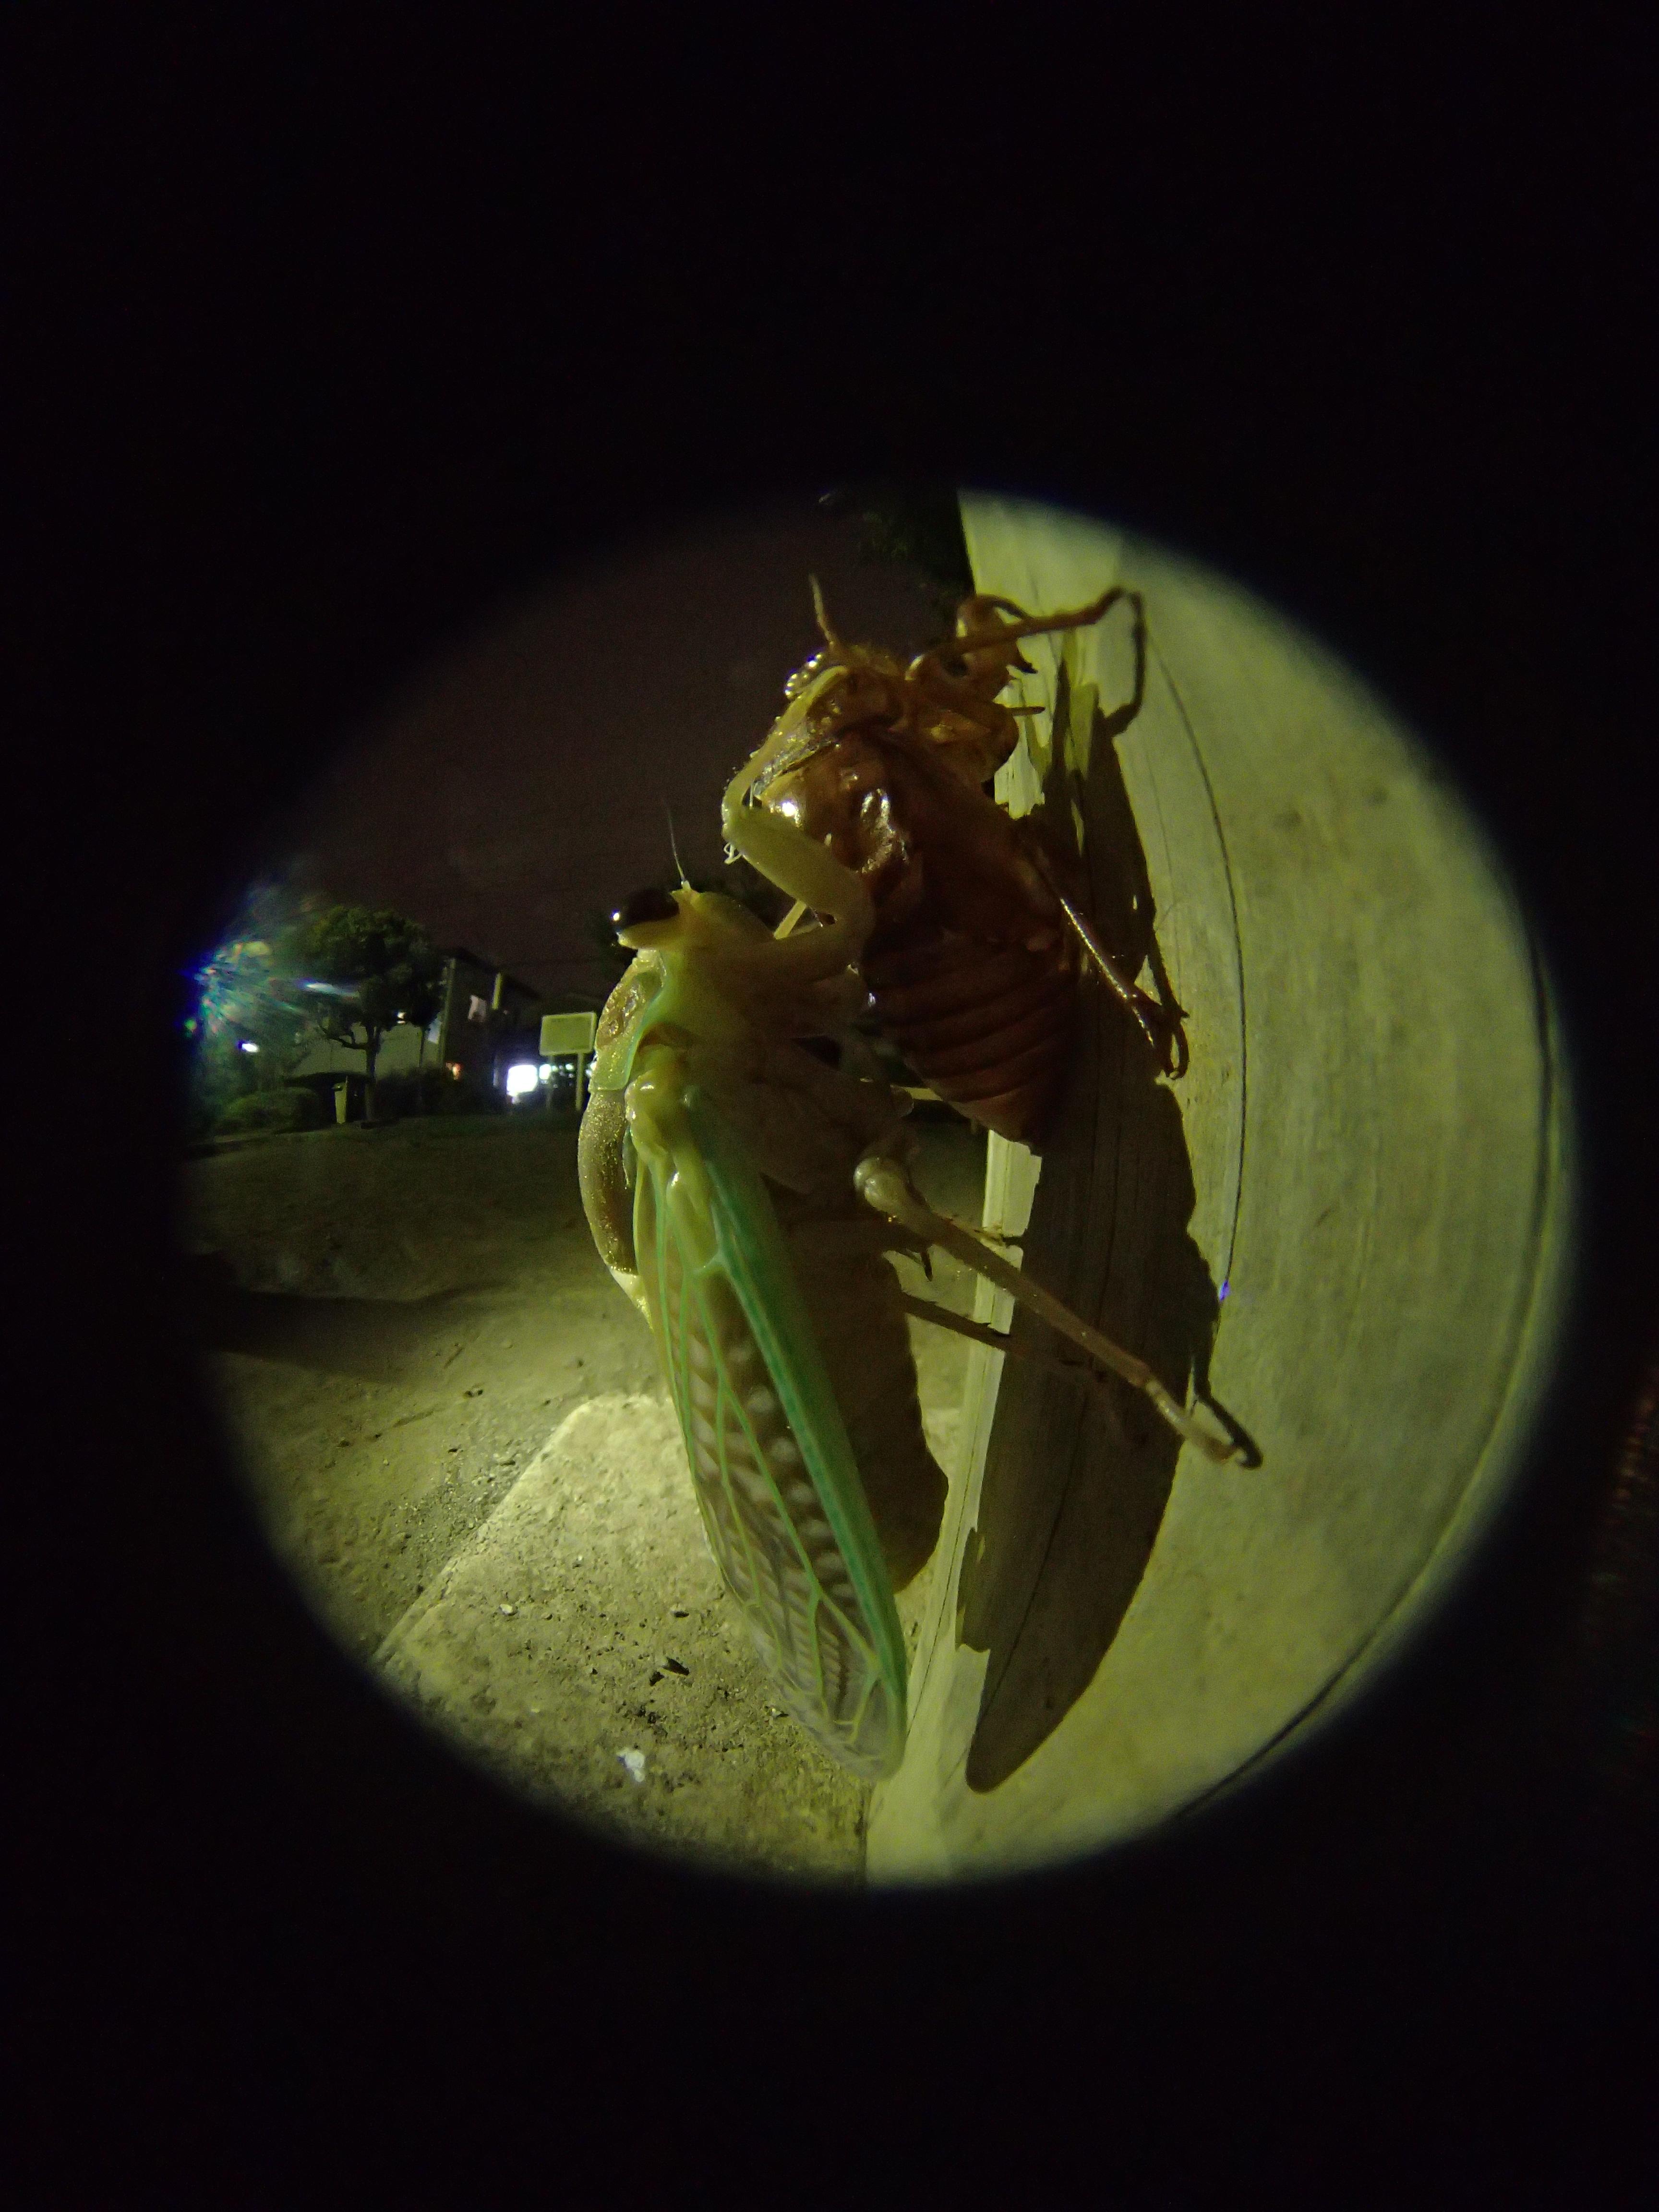 夜の自宅近所の公園にて。遊具に捉まりながら羽化するアブラゼミ。ストロボは明るすぎるのでオフにして撮影。しかしそのままでは暗すぎてAFも利かない条件だったため、iPhoneのLEDライトを照明に利用してみた。ある程度距離をとって照明したため、自然な感じに撮影することができた。ISO800でシャッター速度1秒だが、三脚は使用せず、カメラを遊具に押し当てながら手持ちで撮影した。その際手ブレ補正機能はOFFにした方が、かえってブレのない写真が撮れる